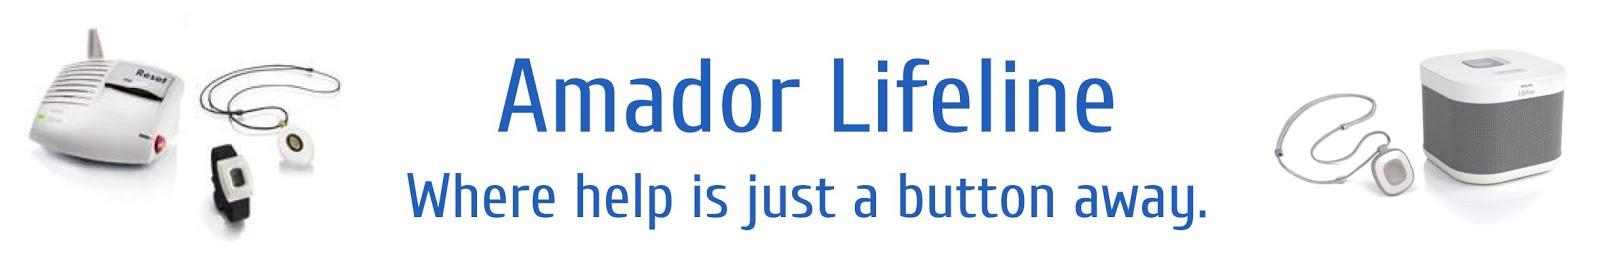 Amador Lifeline